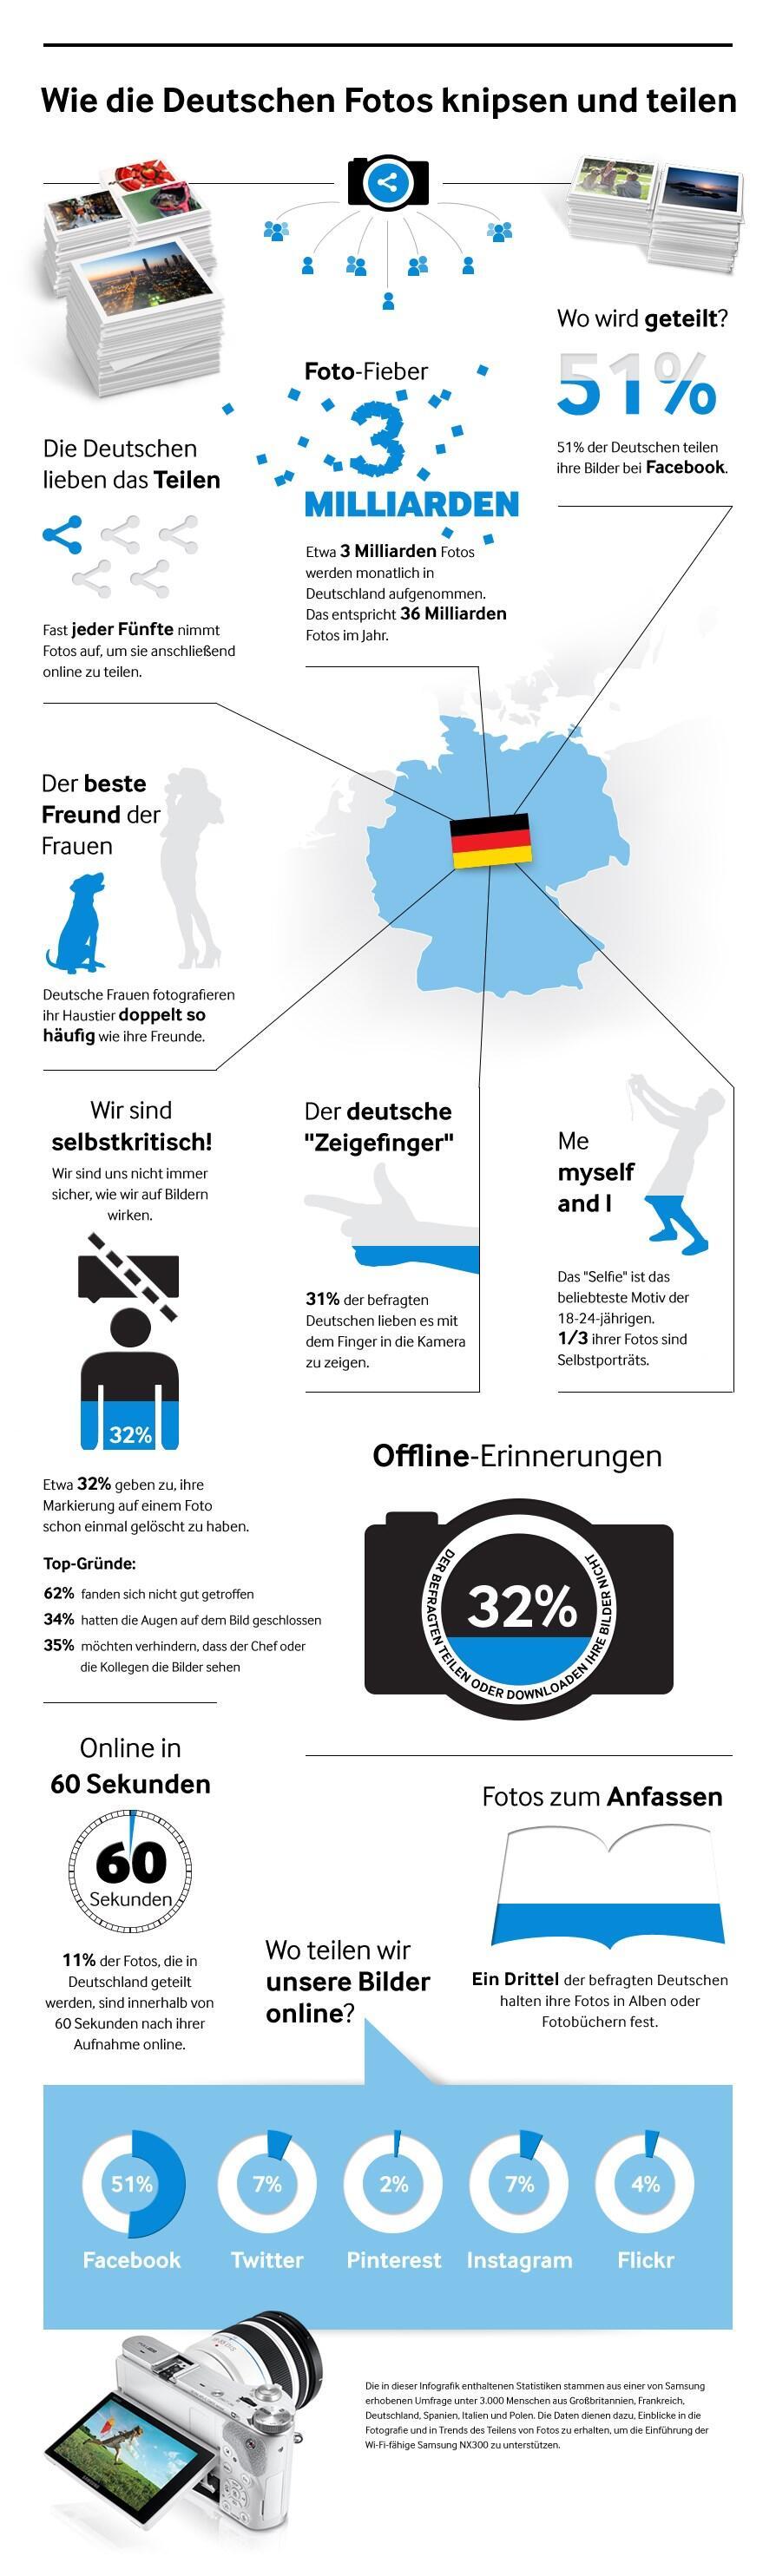 Samsung Infografik zum Fotografieverhalten in Deutschland